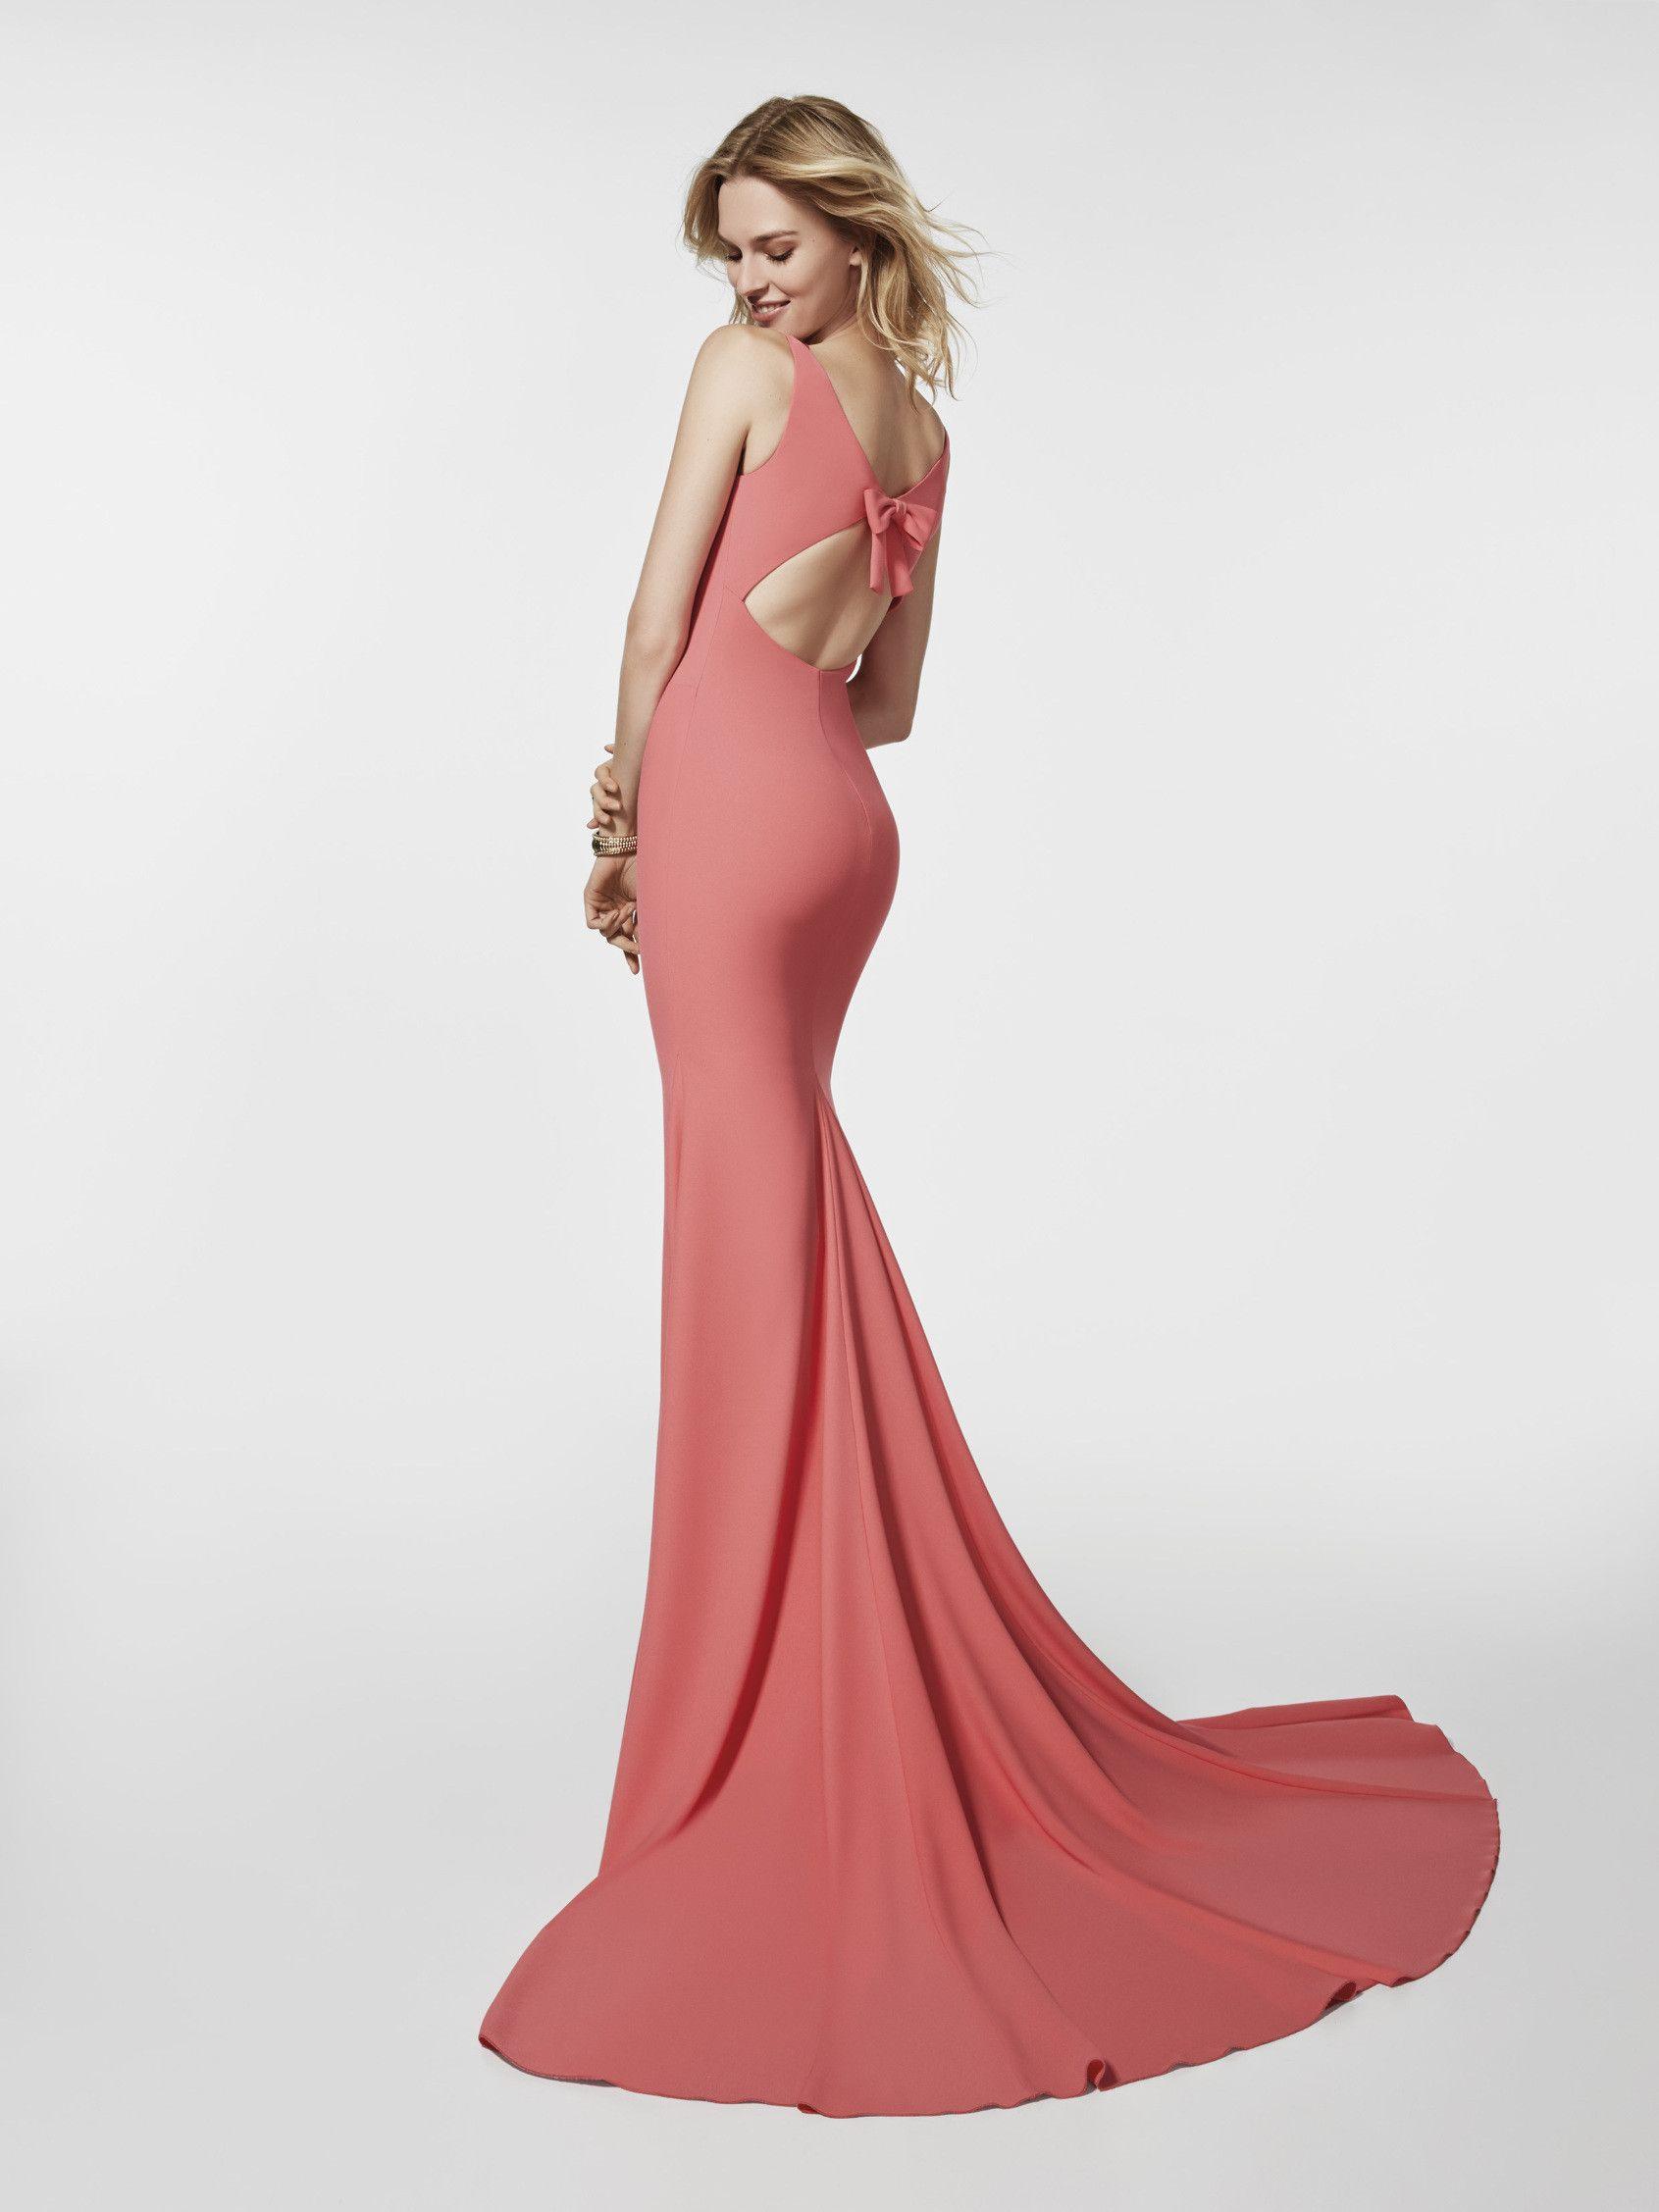 Imagen del vestido de fiesta rojo (62023). Vestido GRENOBLE largo ...